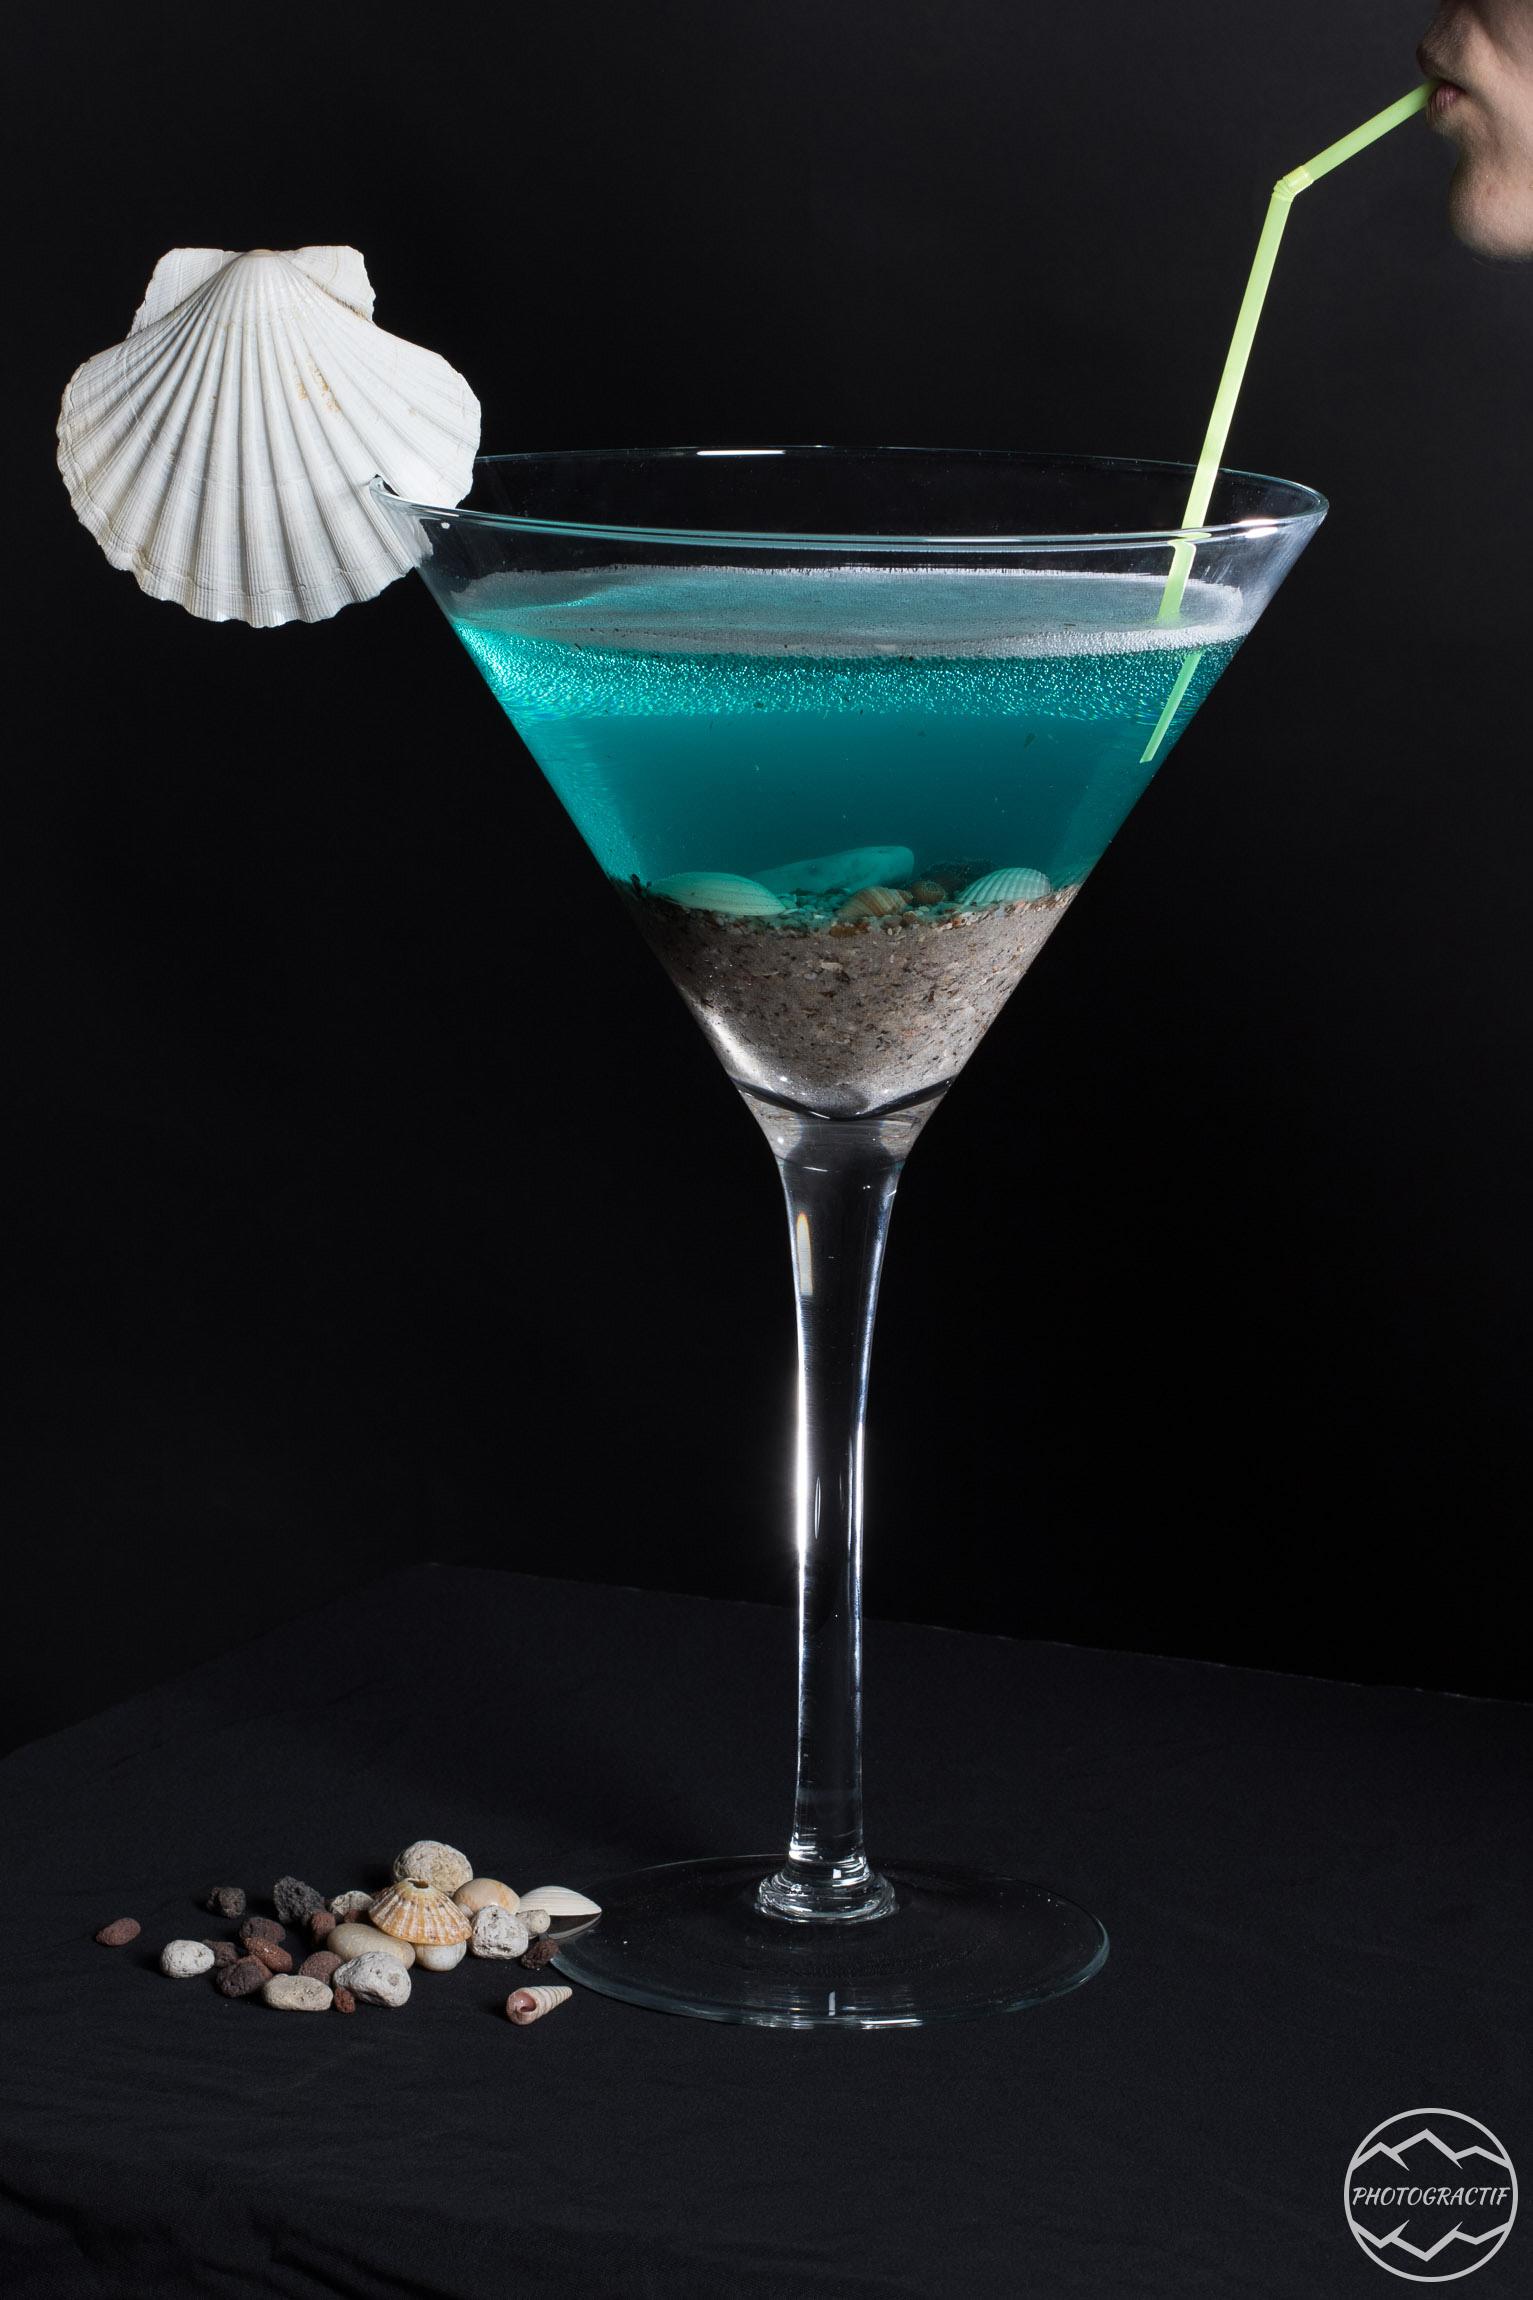 Ce n est pas la mer a boire (2)